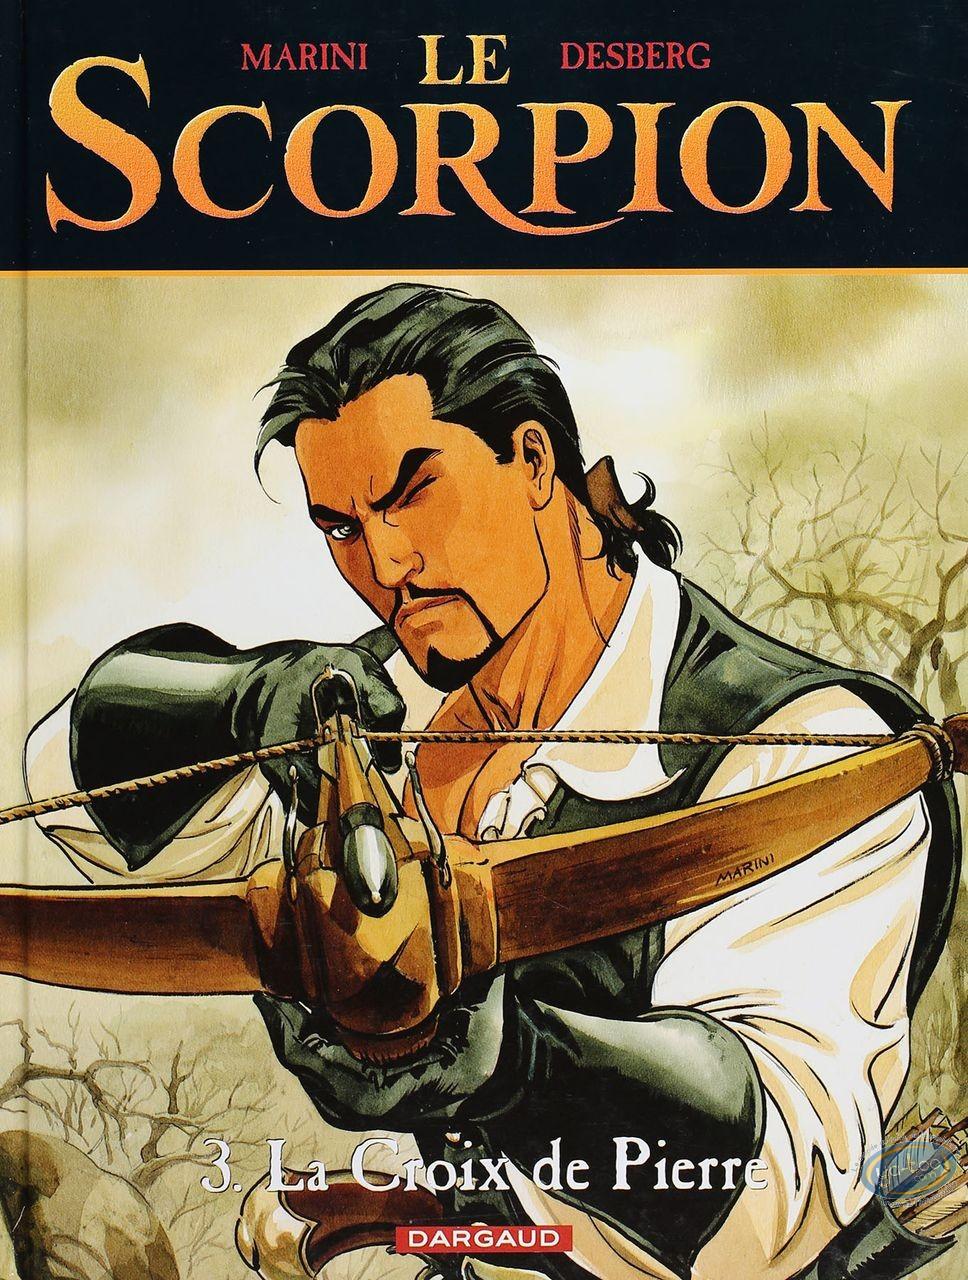 Listed European Comic Books, Scorpion (Le) : La Croix de Pierre